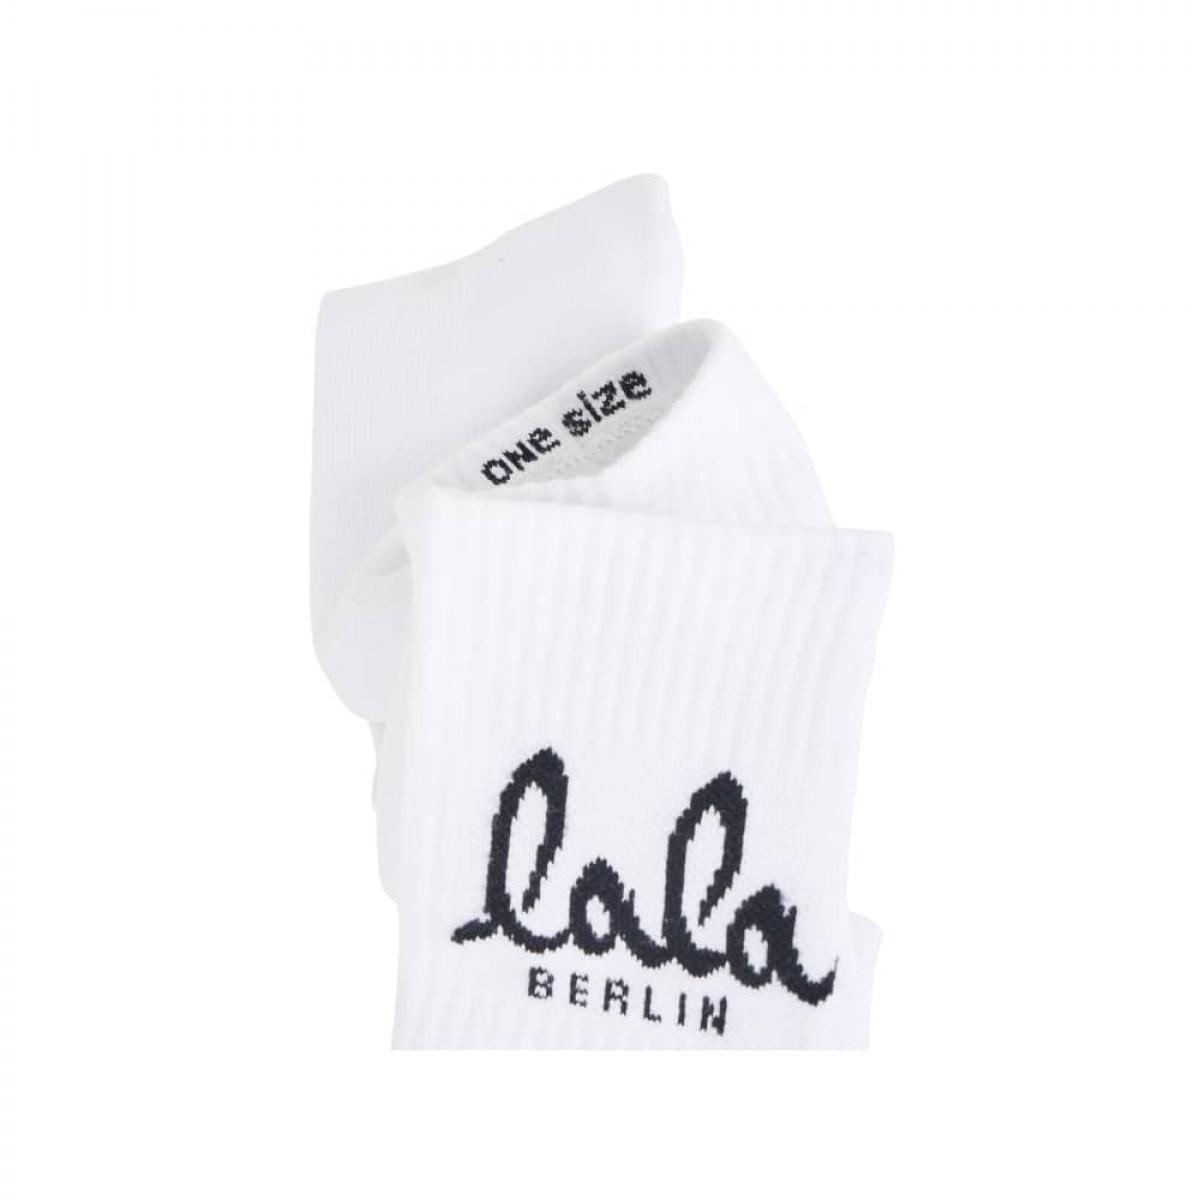 sanny socks logo - black - logo